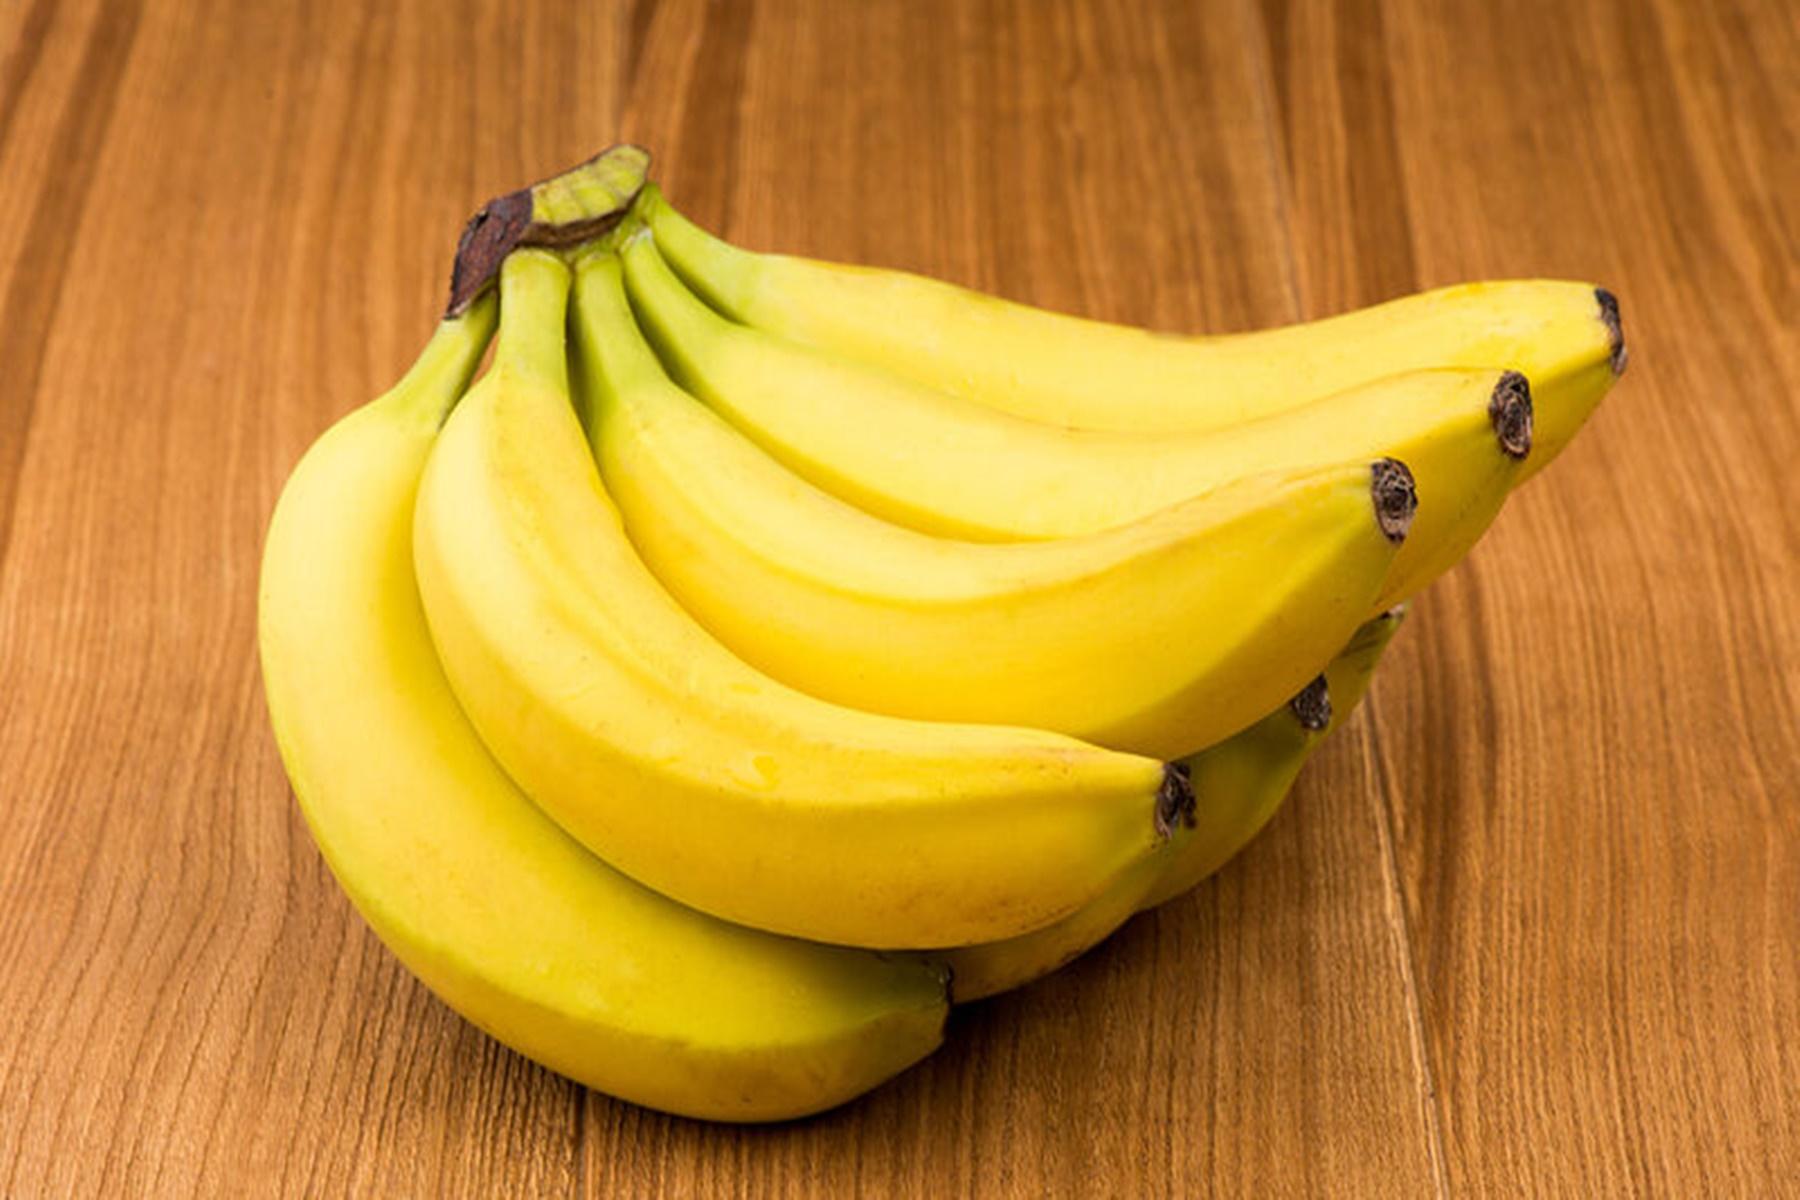 Μπανάνες : Δείτε πότε επηρεάζουν τον διαβήτη και το Σάκχαρο